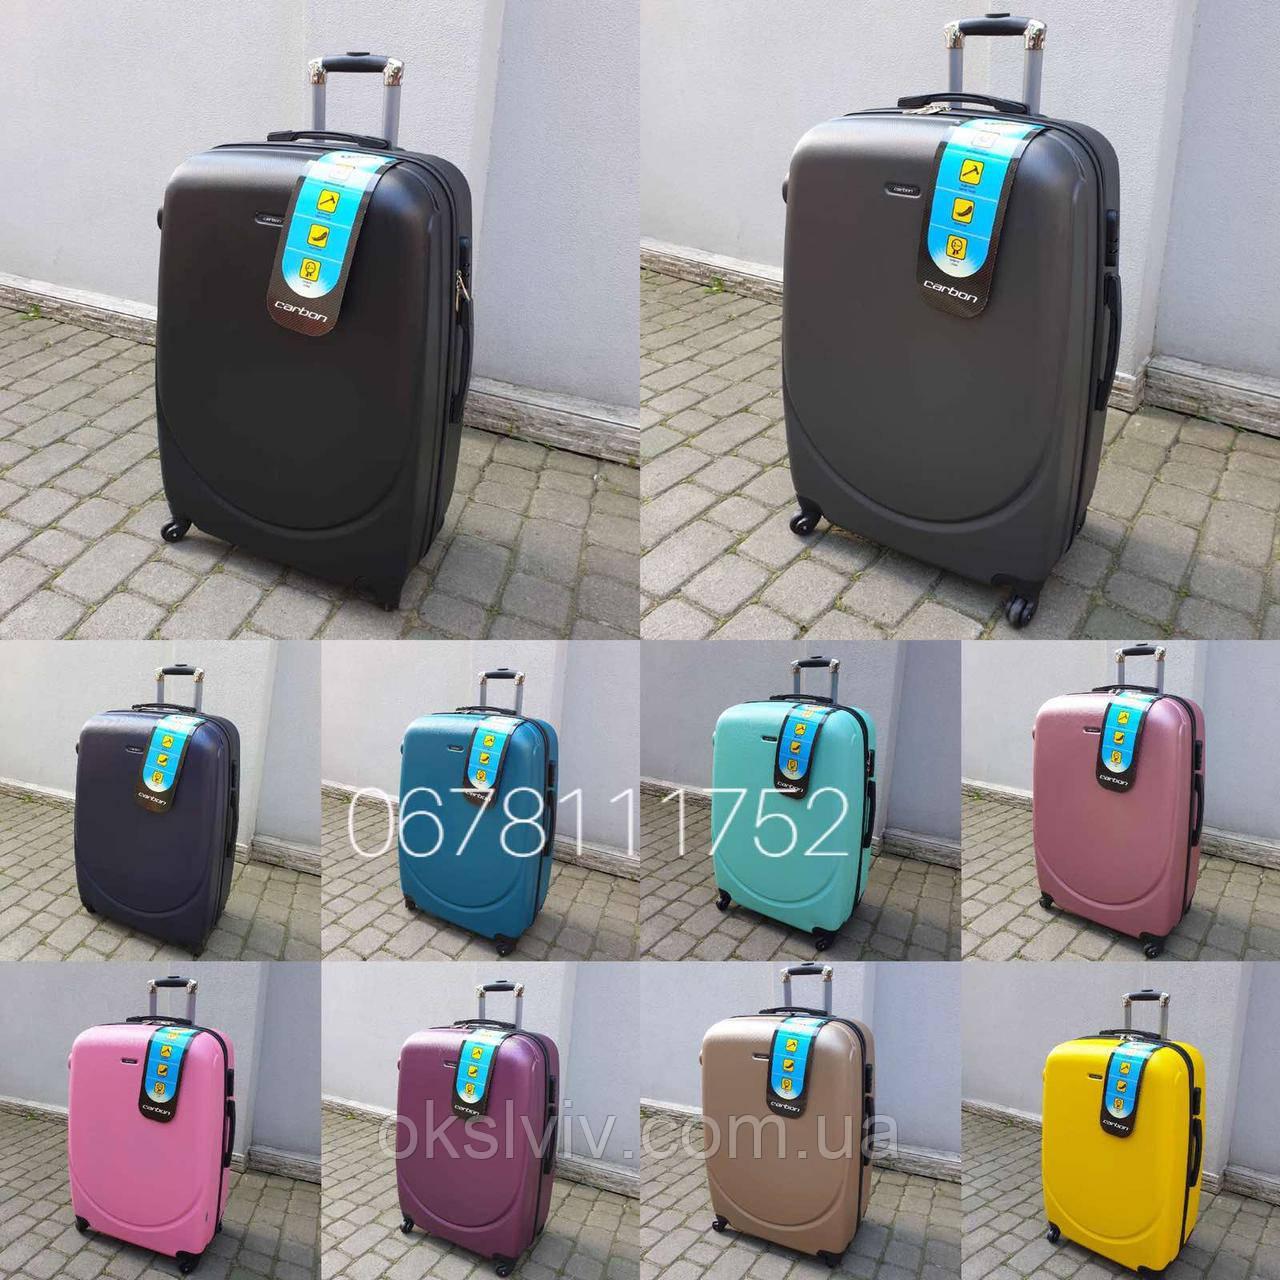 CARBON 310 Німеччина валізи чемодани, сумки на колесах